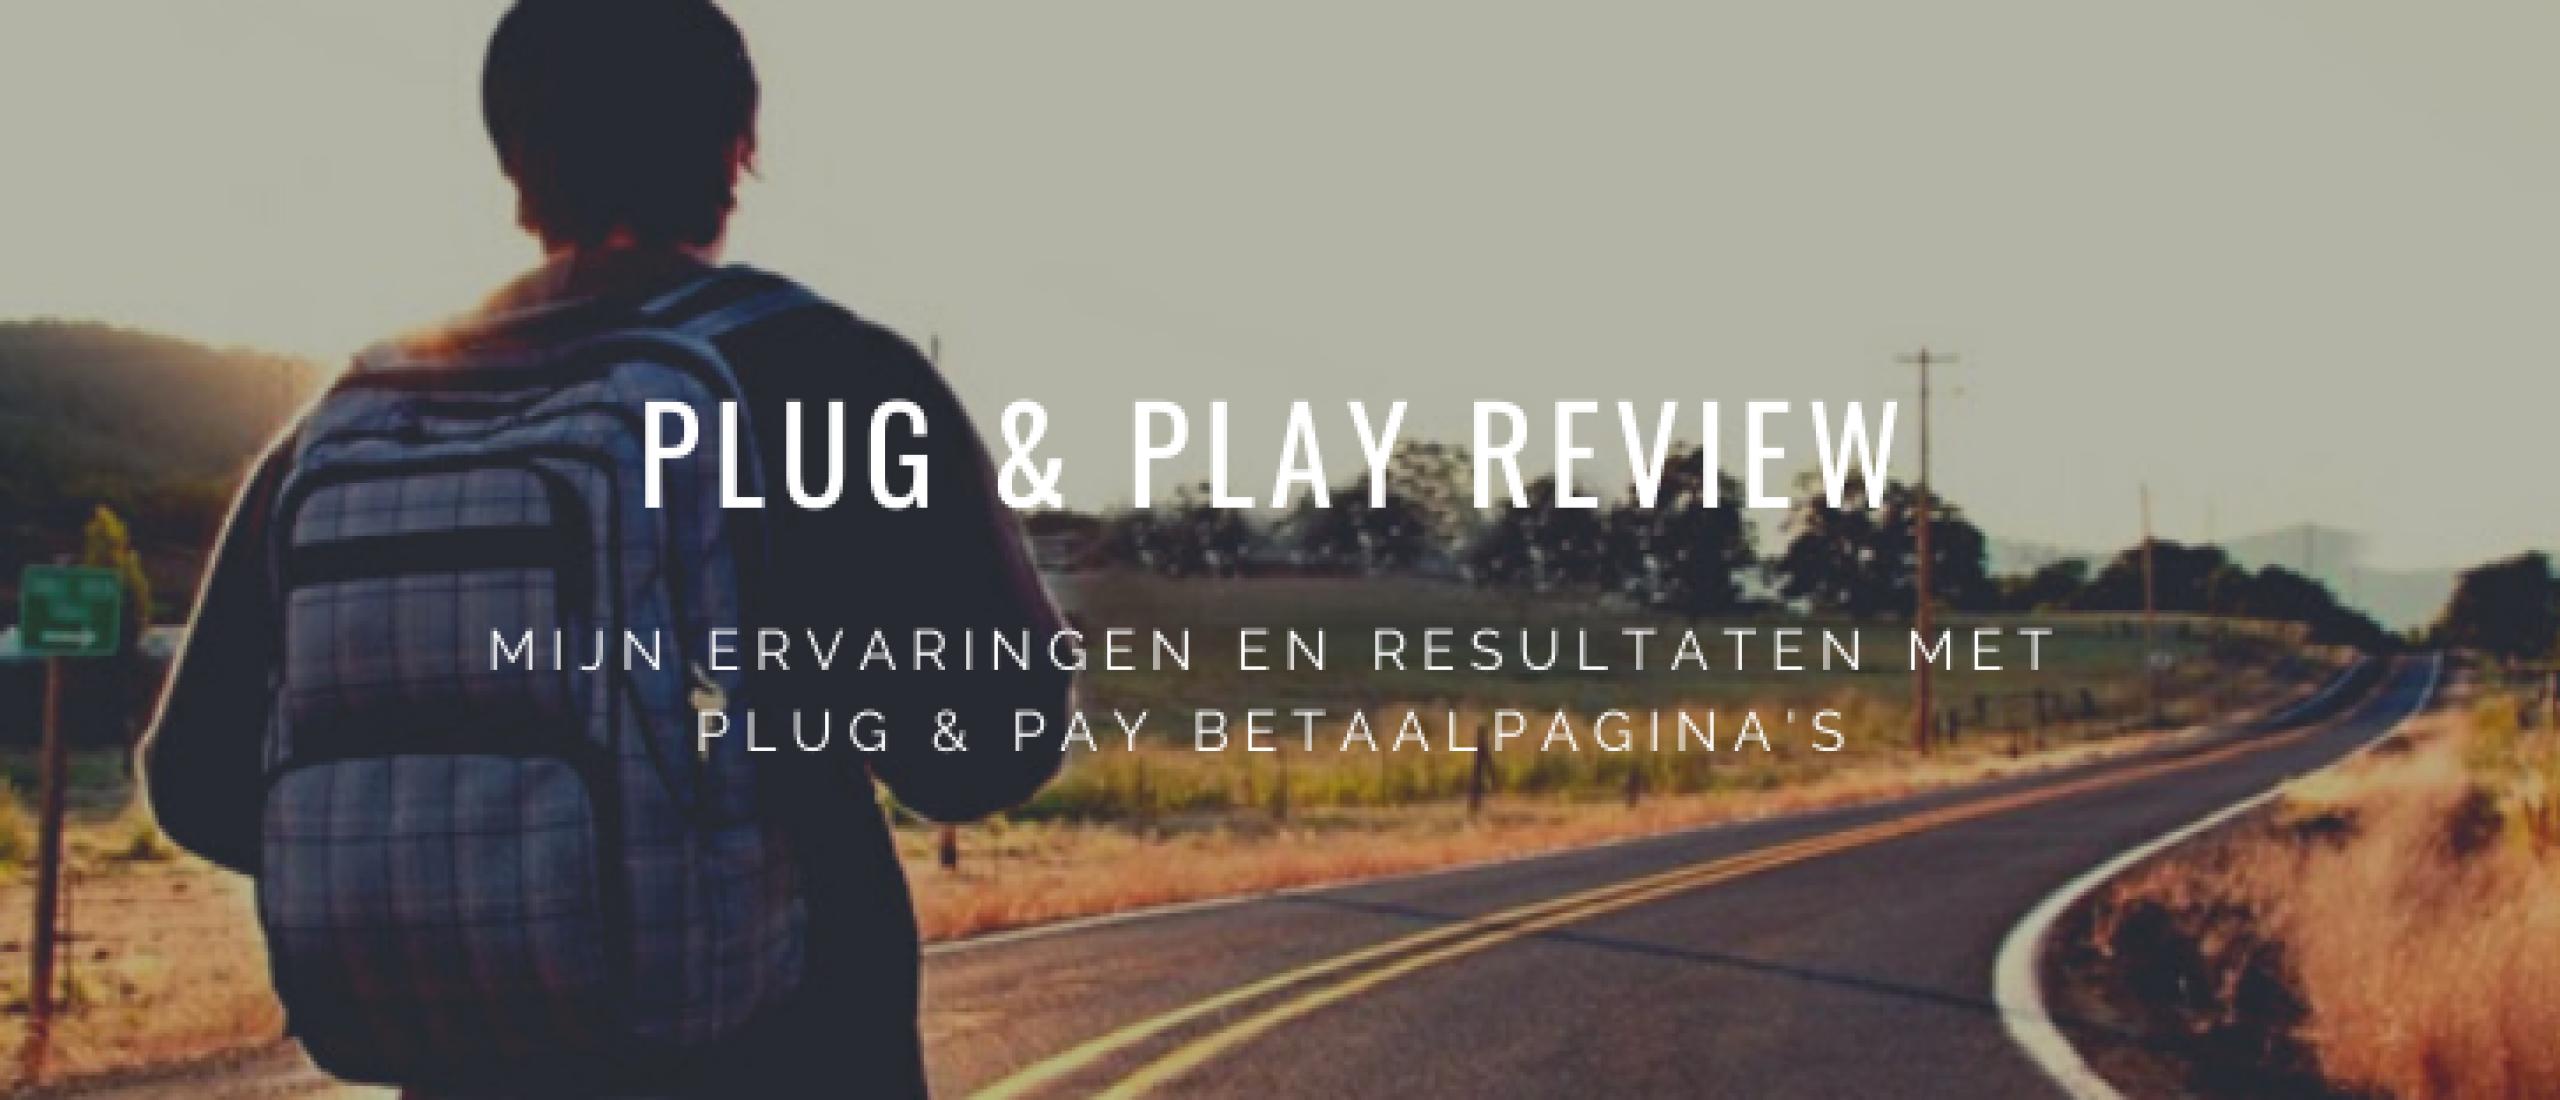 plug-en-pay-review